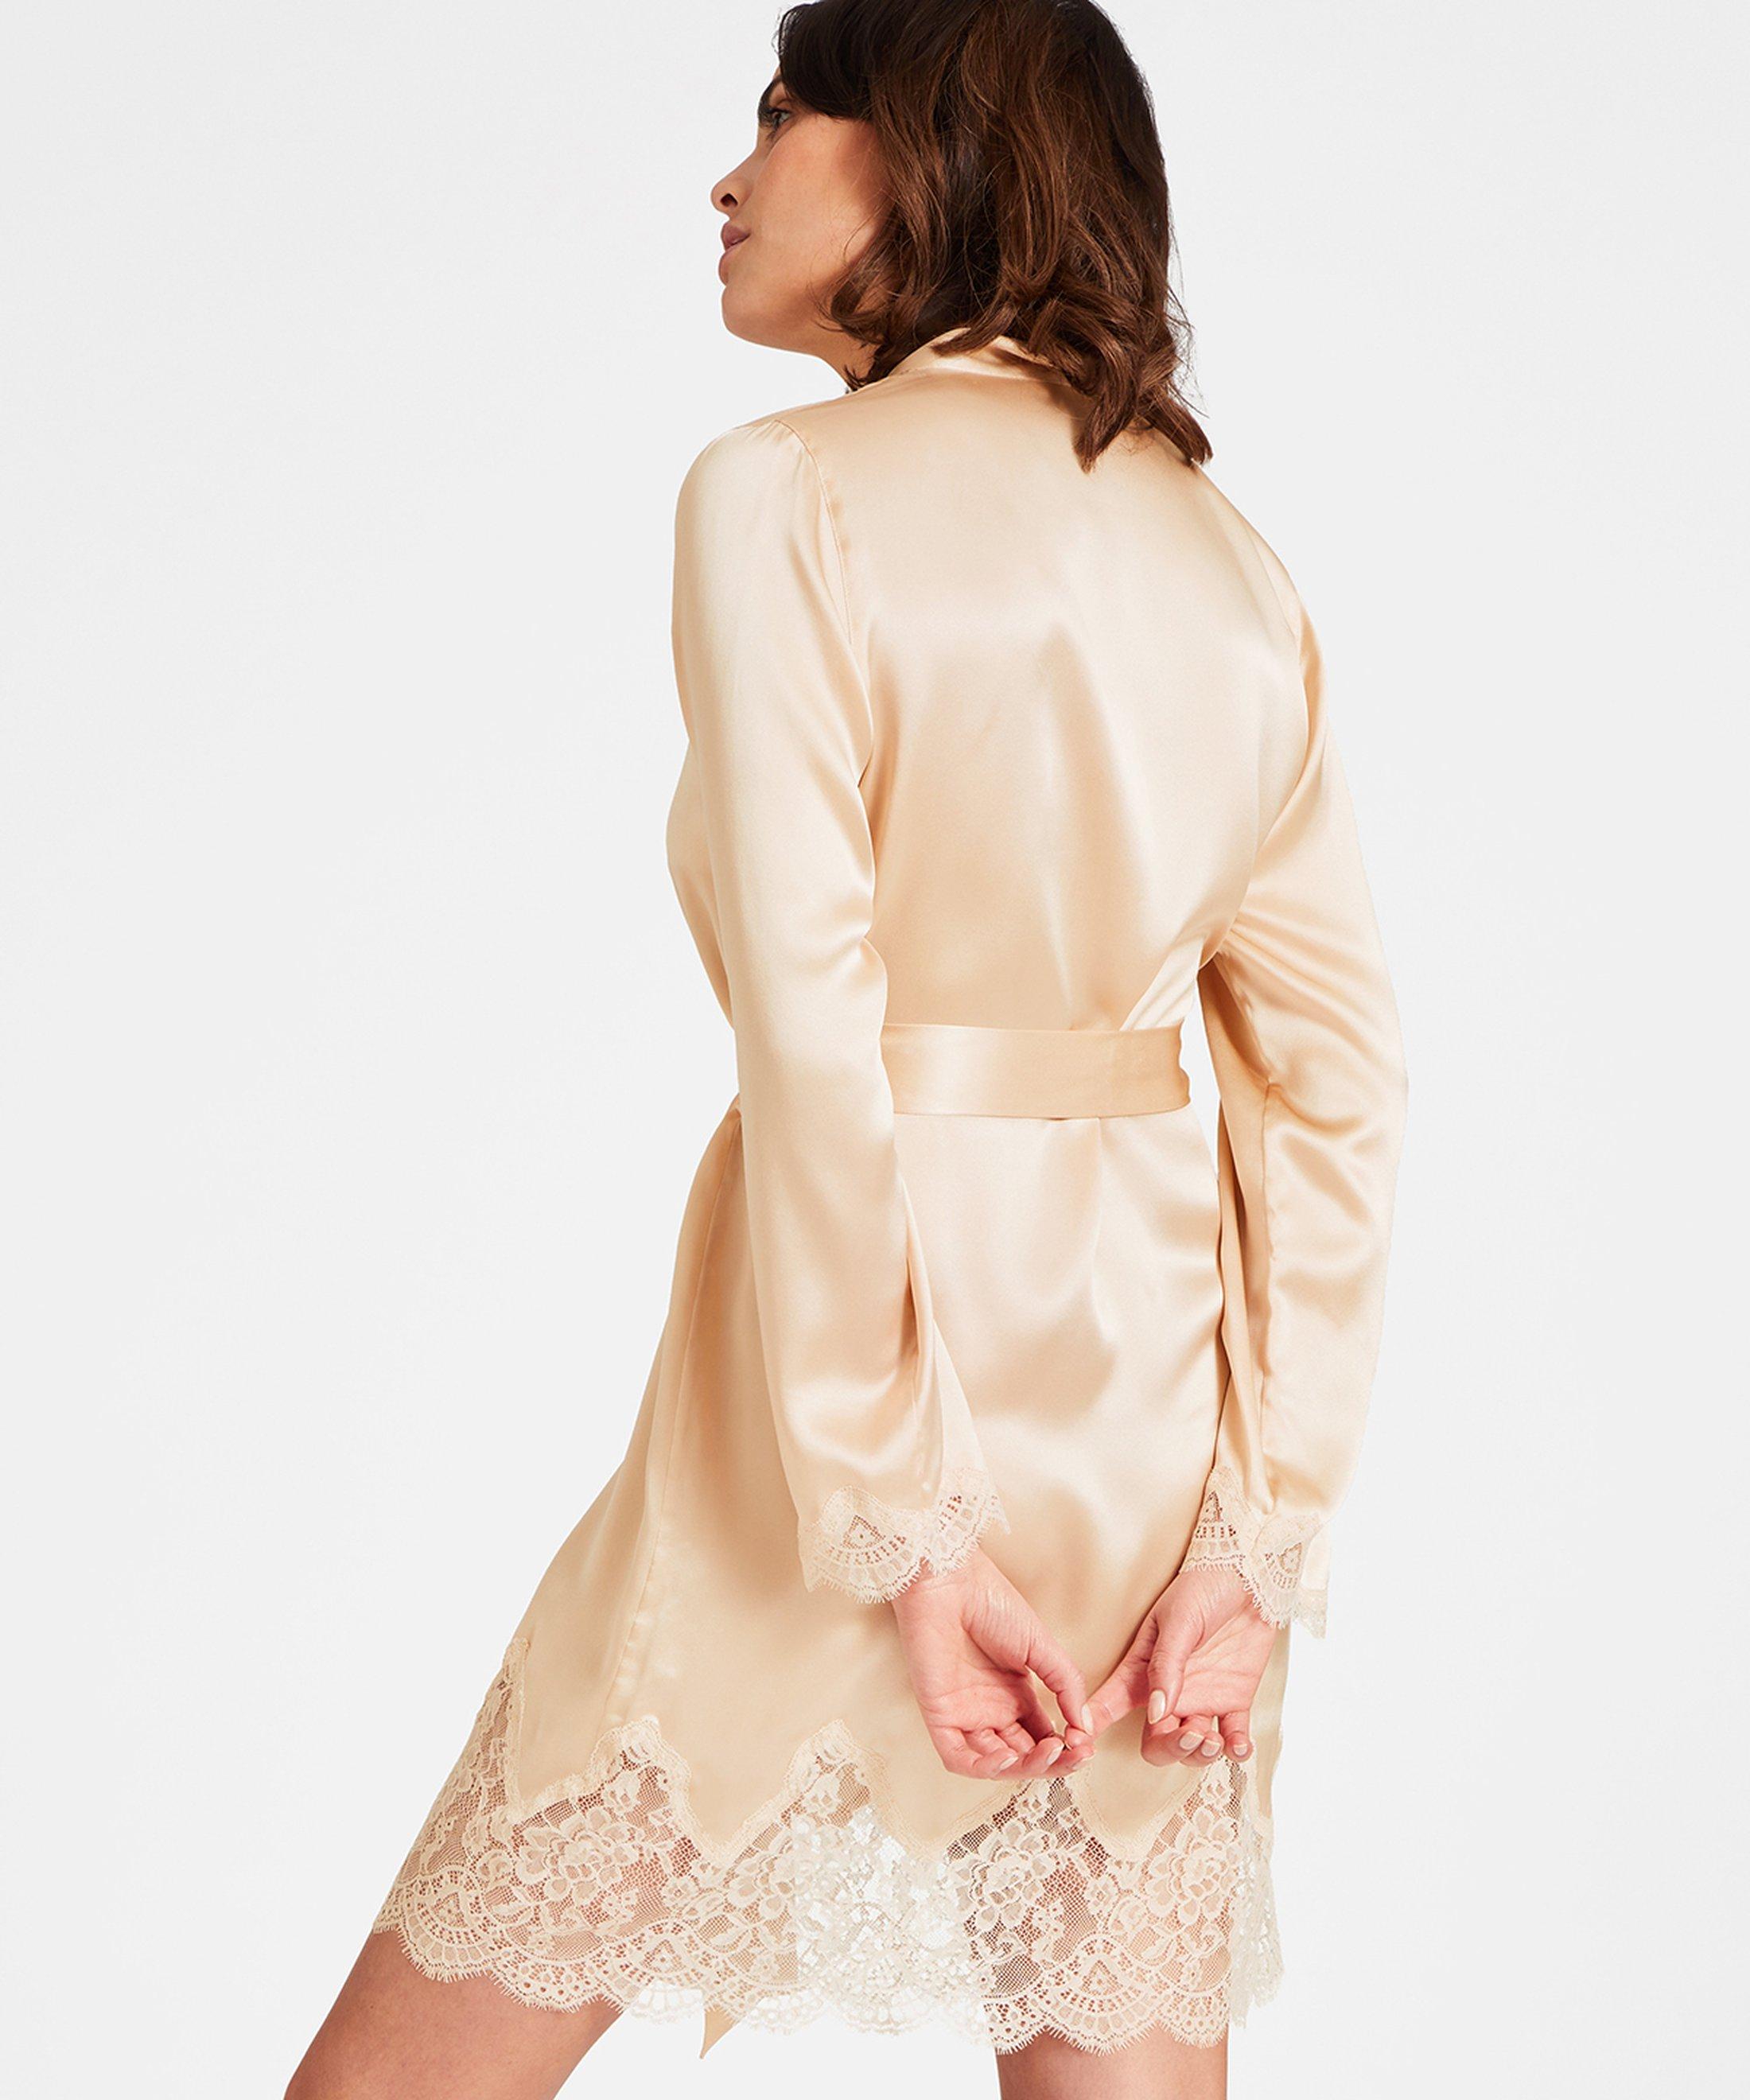 TOI MON AMOUR Kimono en soie Blond nacre | Aubade